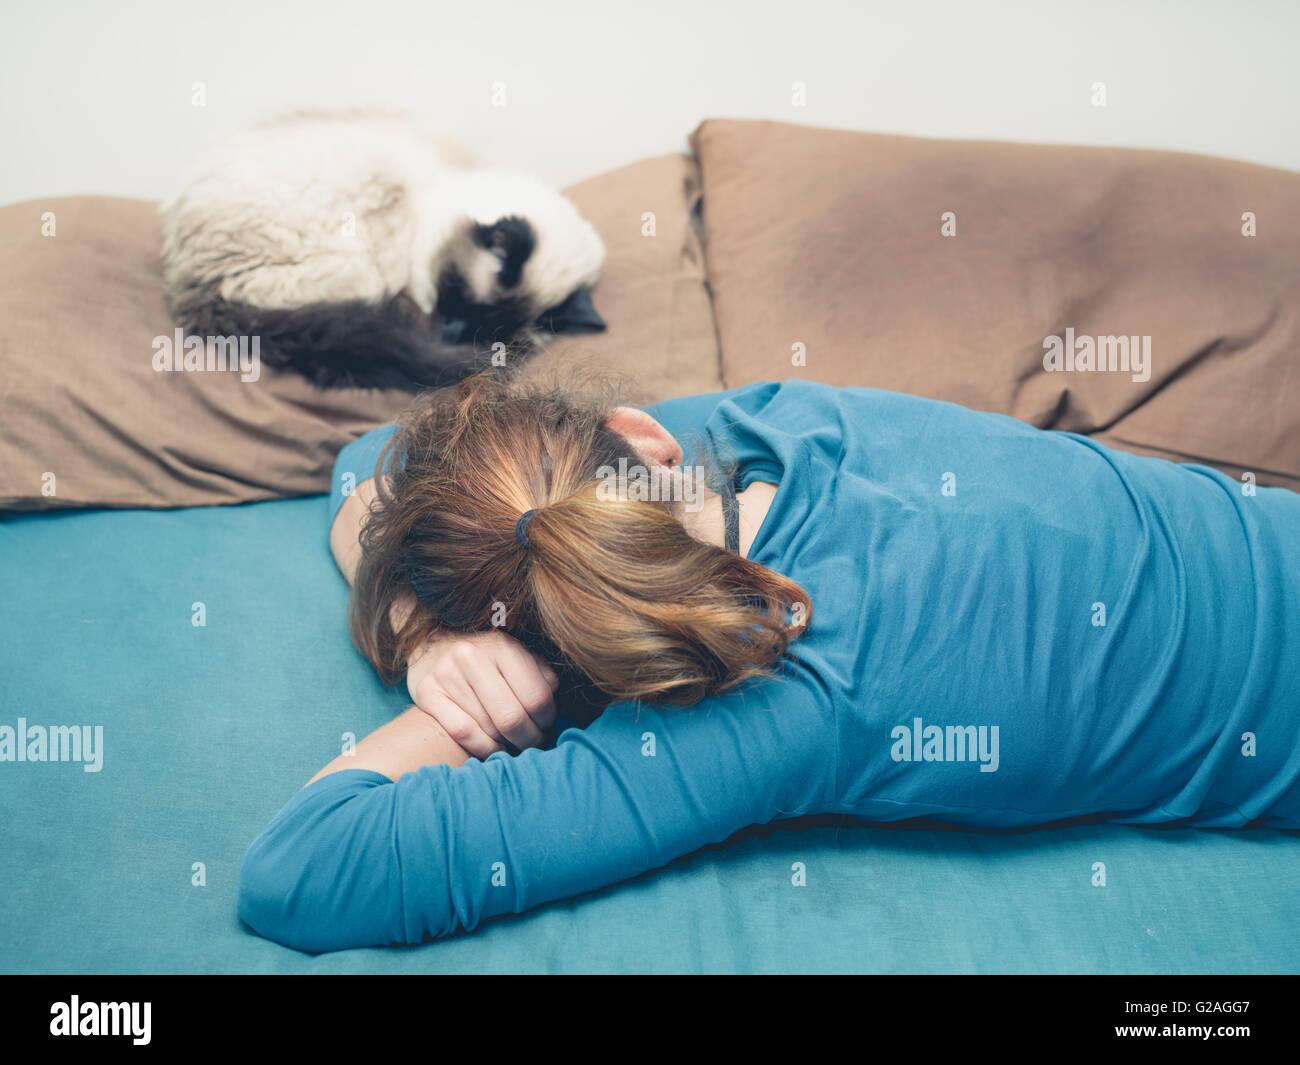 Una giovane donna è dormire in un letto con un gatto accanto a lei Immagini Stock